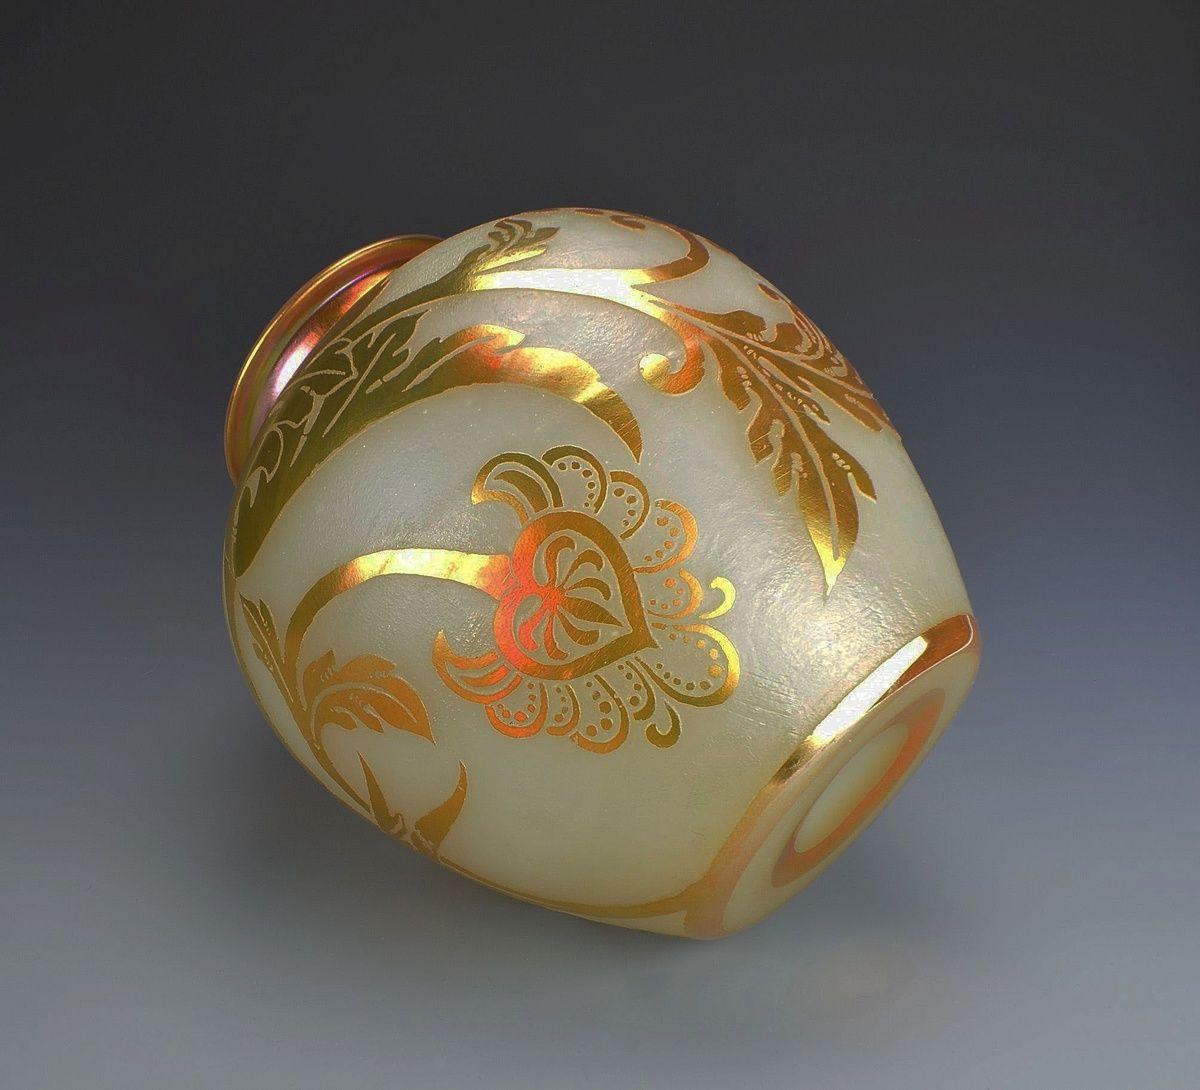 steuben glass vase of pin by jeremy sanders on steuben pinterest steuben glass glass throughout visit